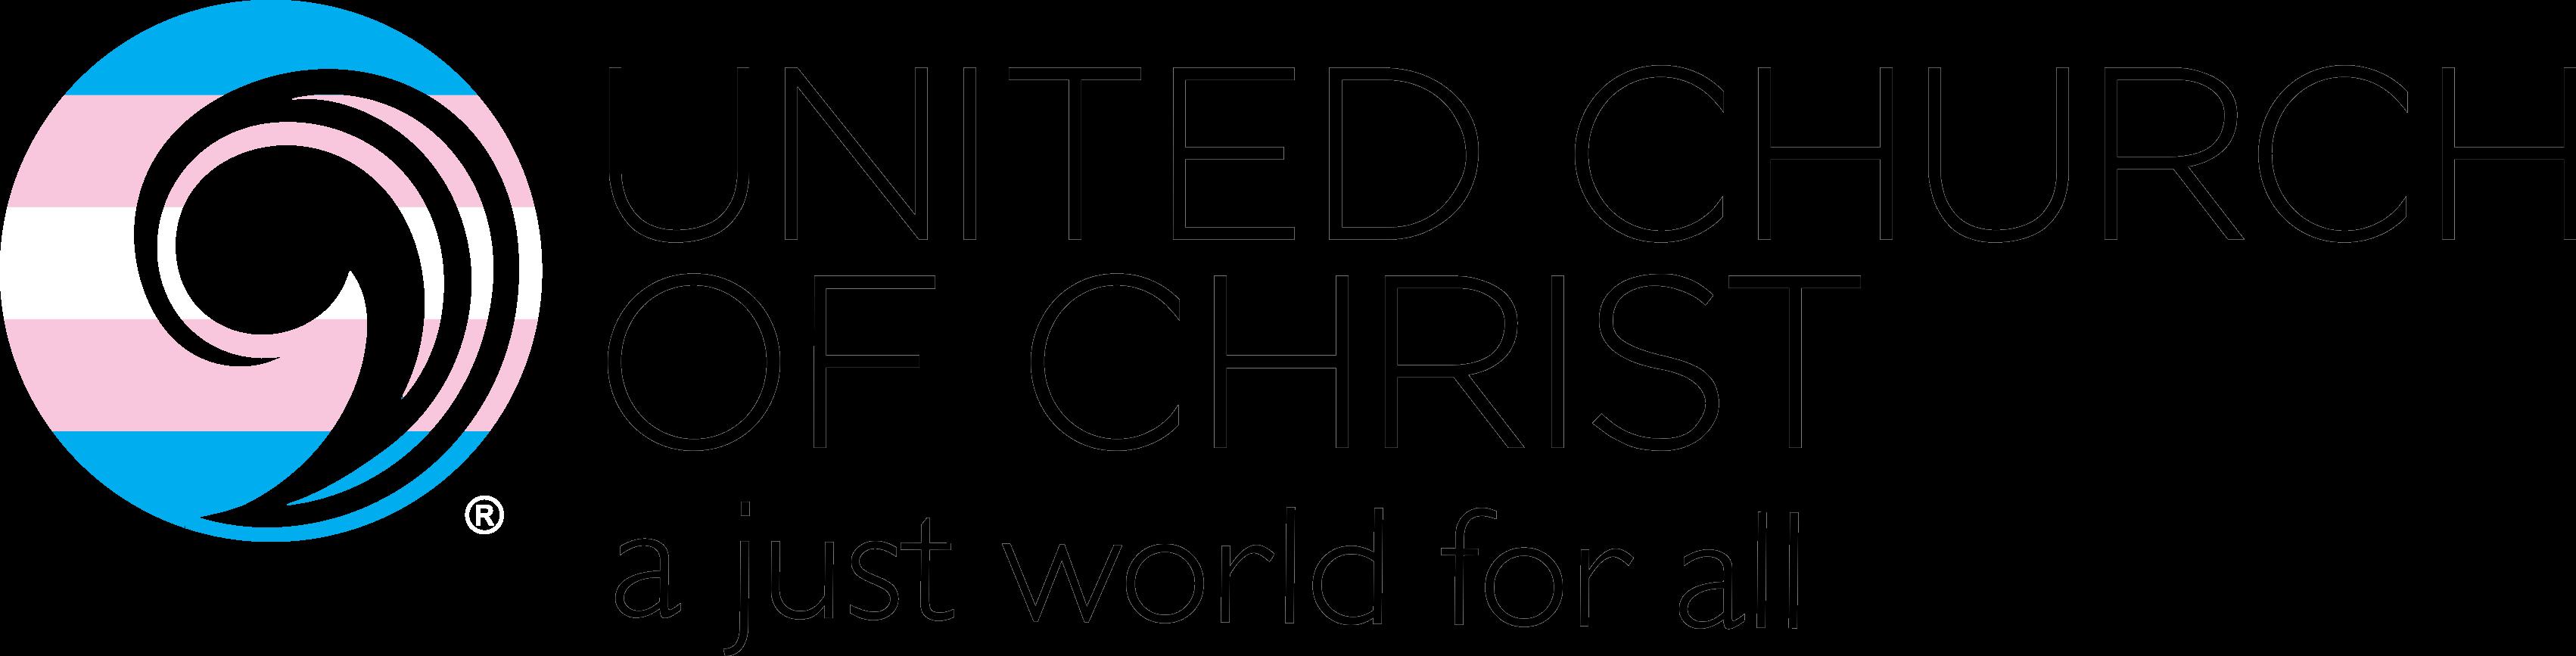 UCC-JWFA-Trans-Logo-blacktxt.png